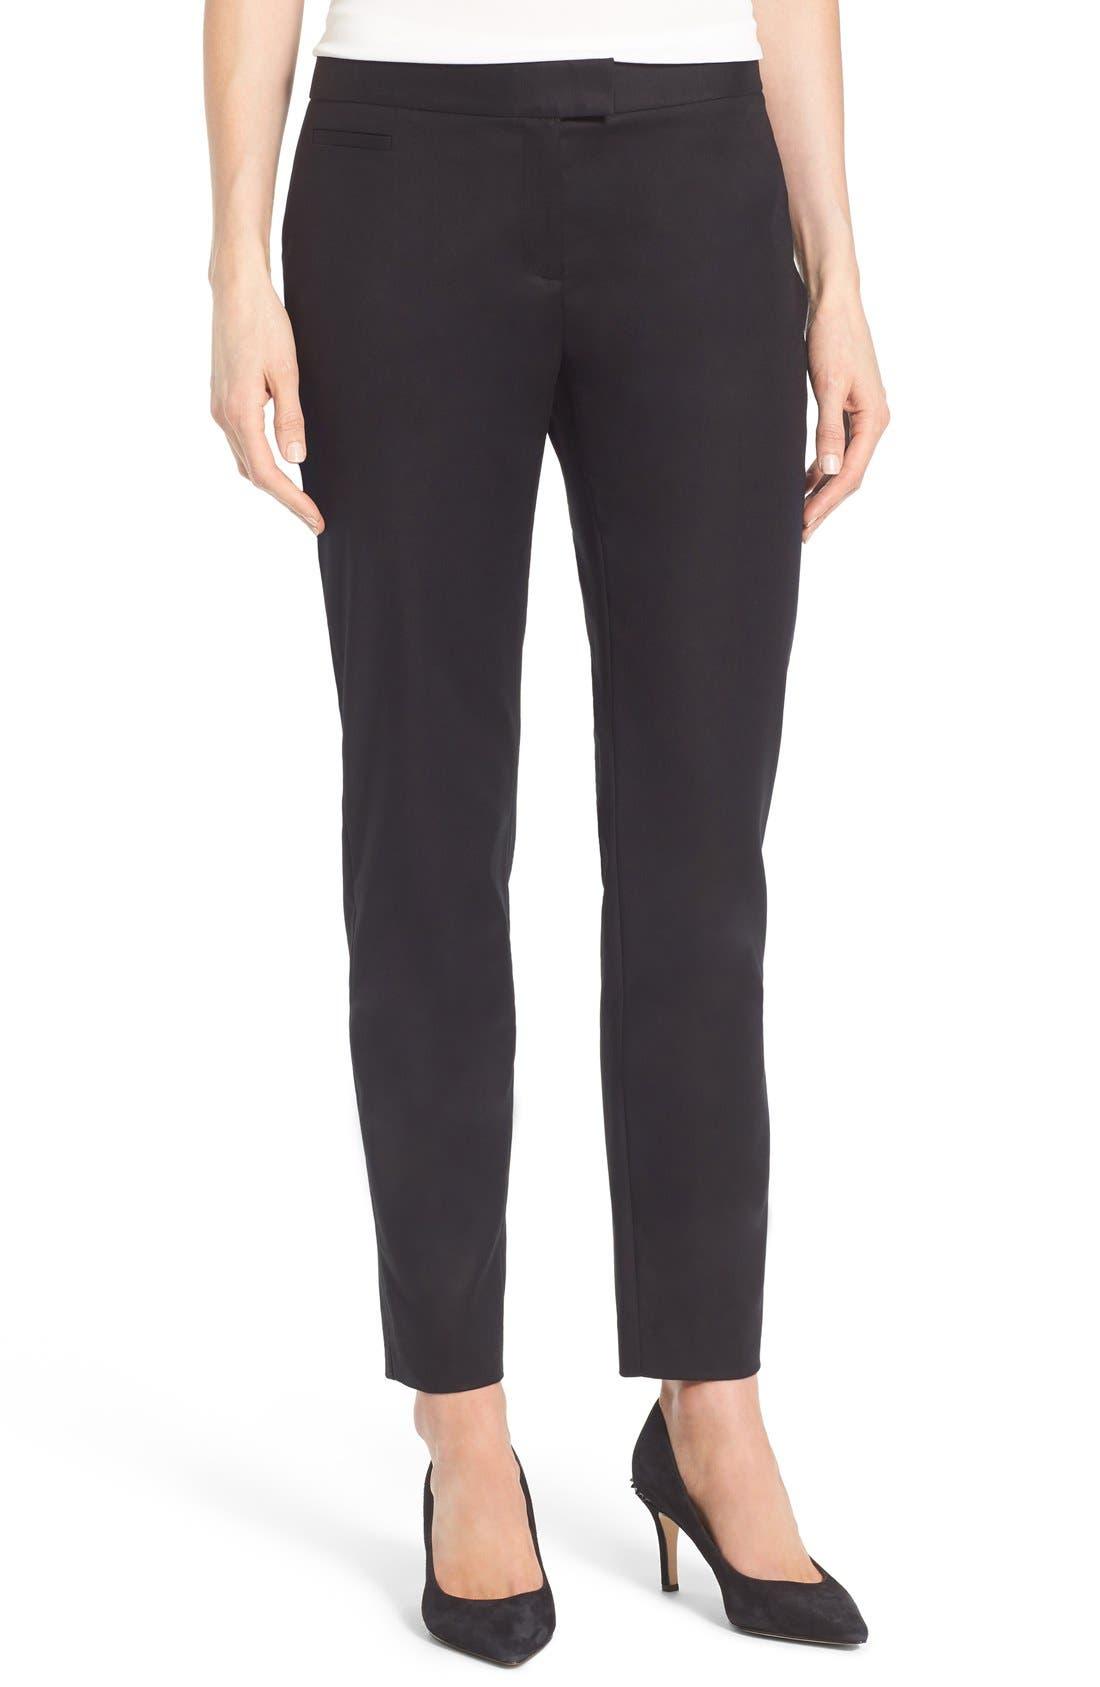 Main Image - Cece Double Weave Slim Pants